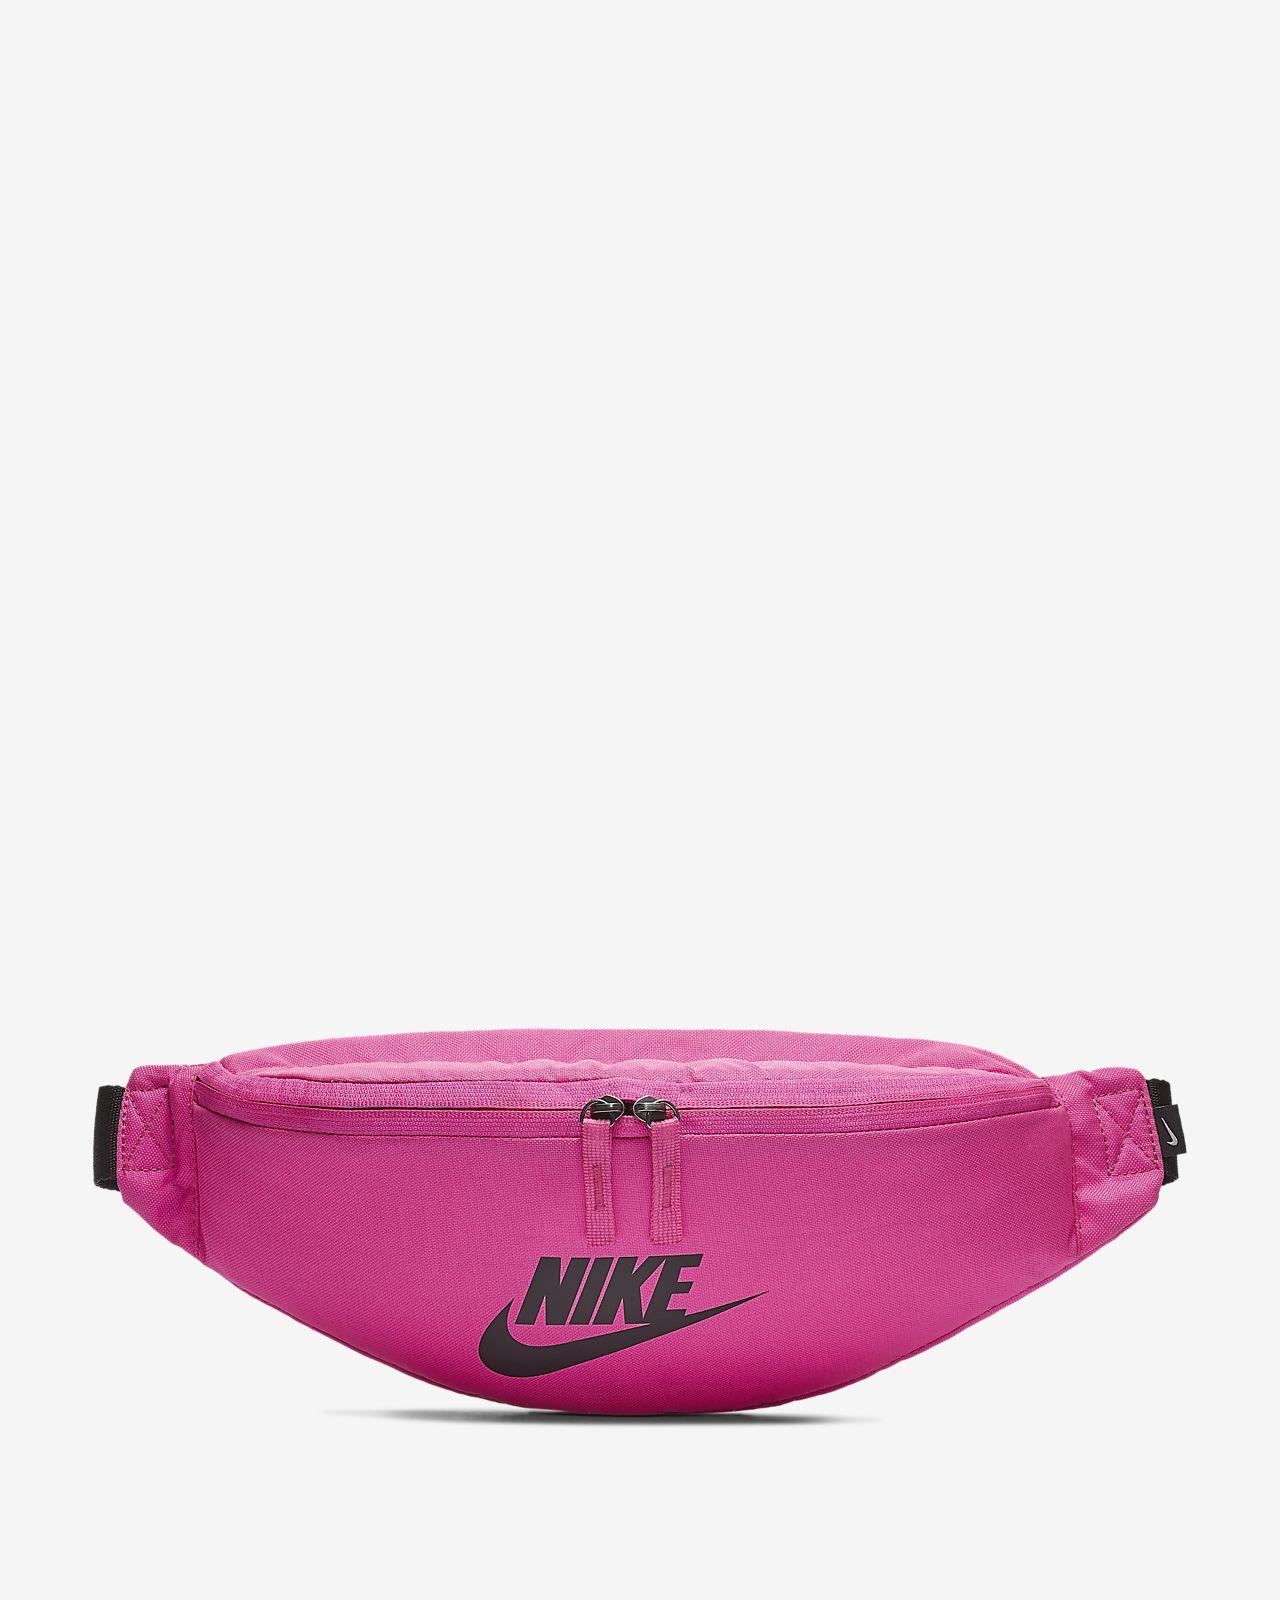 56311ea39 Nike Sportswear Heritage Fanny Pack. Nike.com